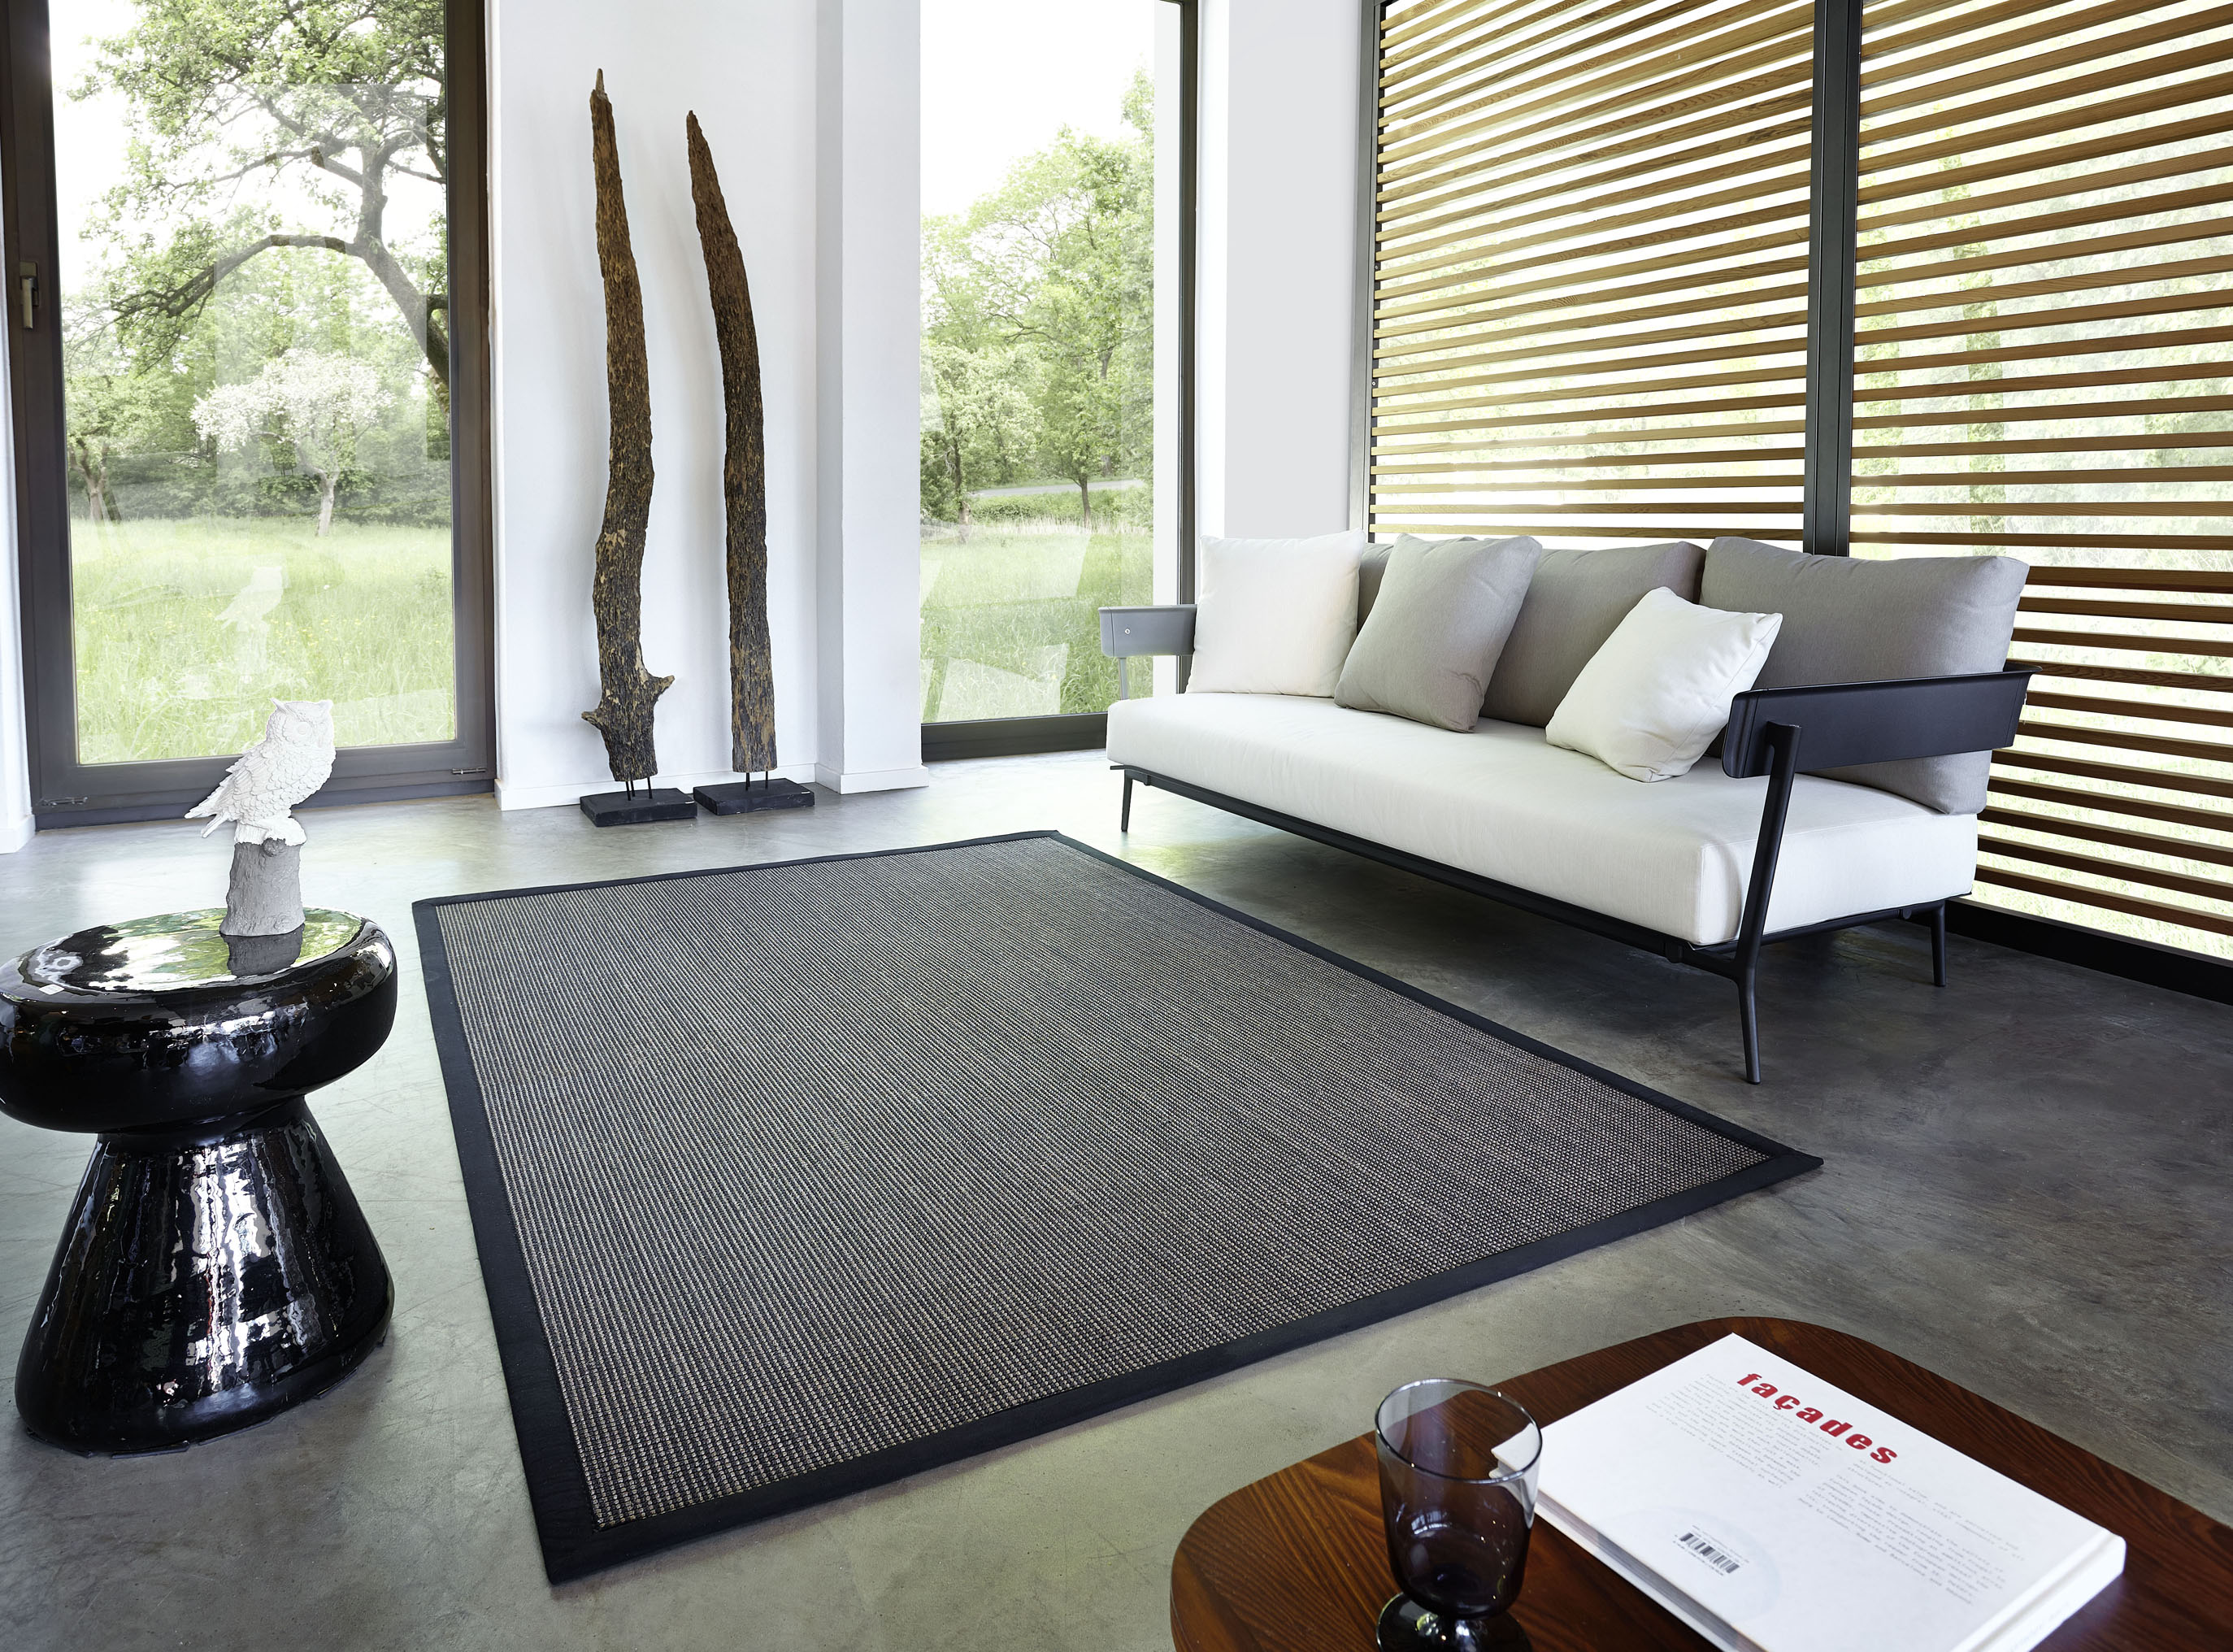 teppichboden sisal hersteller golze hersteller tretford teppiche online kaufen. Black Bedroom Furniture Sets. Home Design Ideas